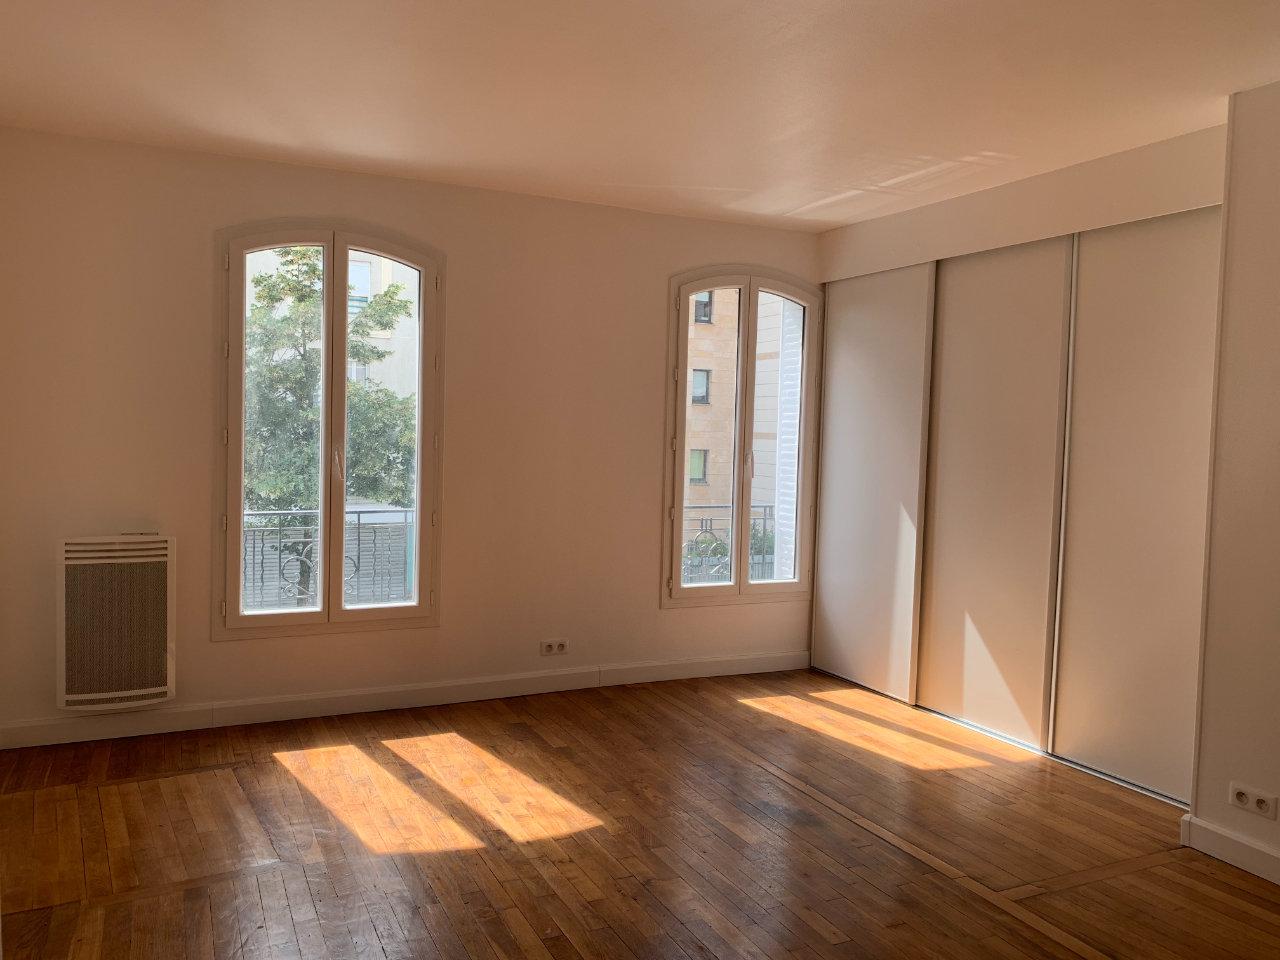 Appartement a louer boulogne-billancourt - 1 pièce(s) - 27.11 m2 - Surfyn